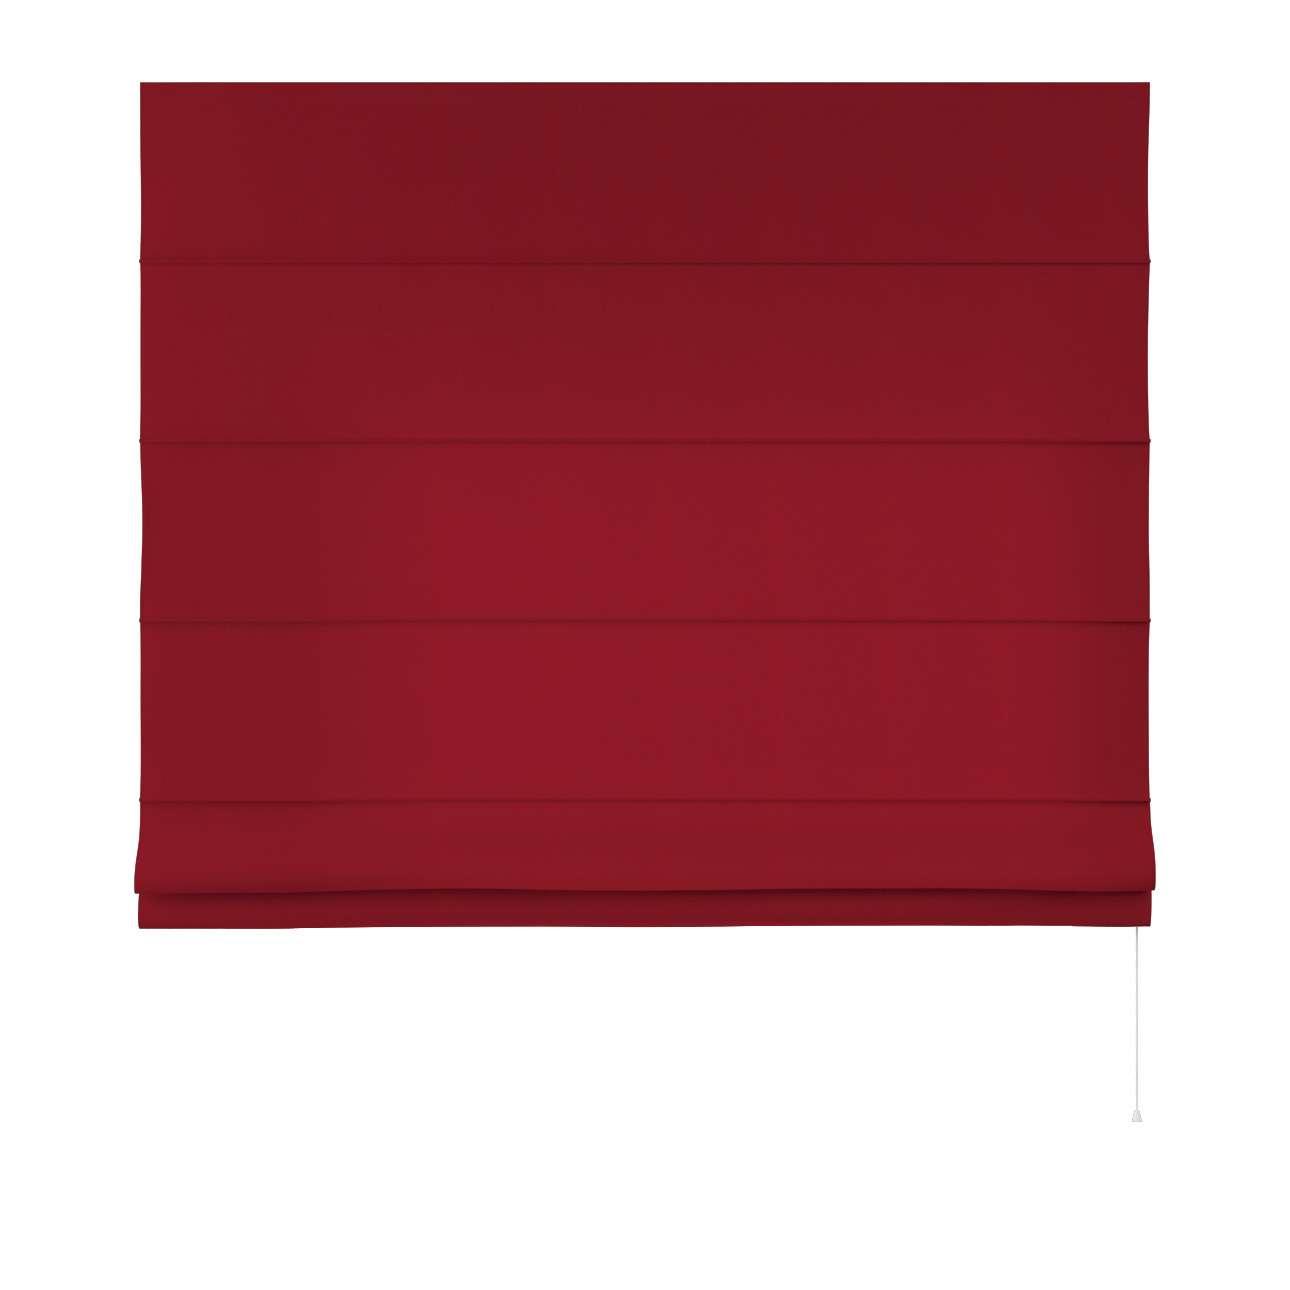 Romanetės Capri 80 x 170 cm (plotis x ilgis) kolekcijoje Chenille, audinys: 702-24